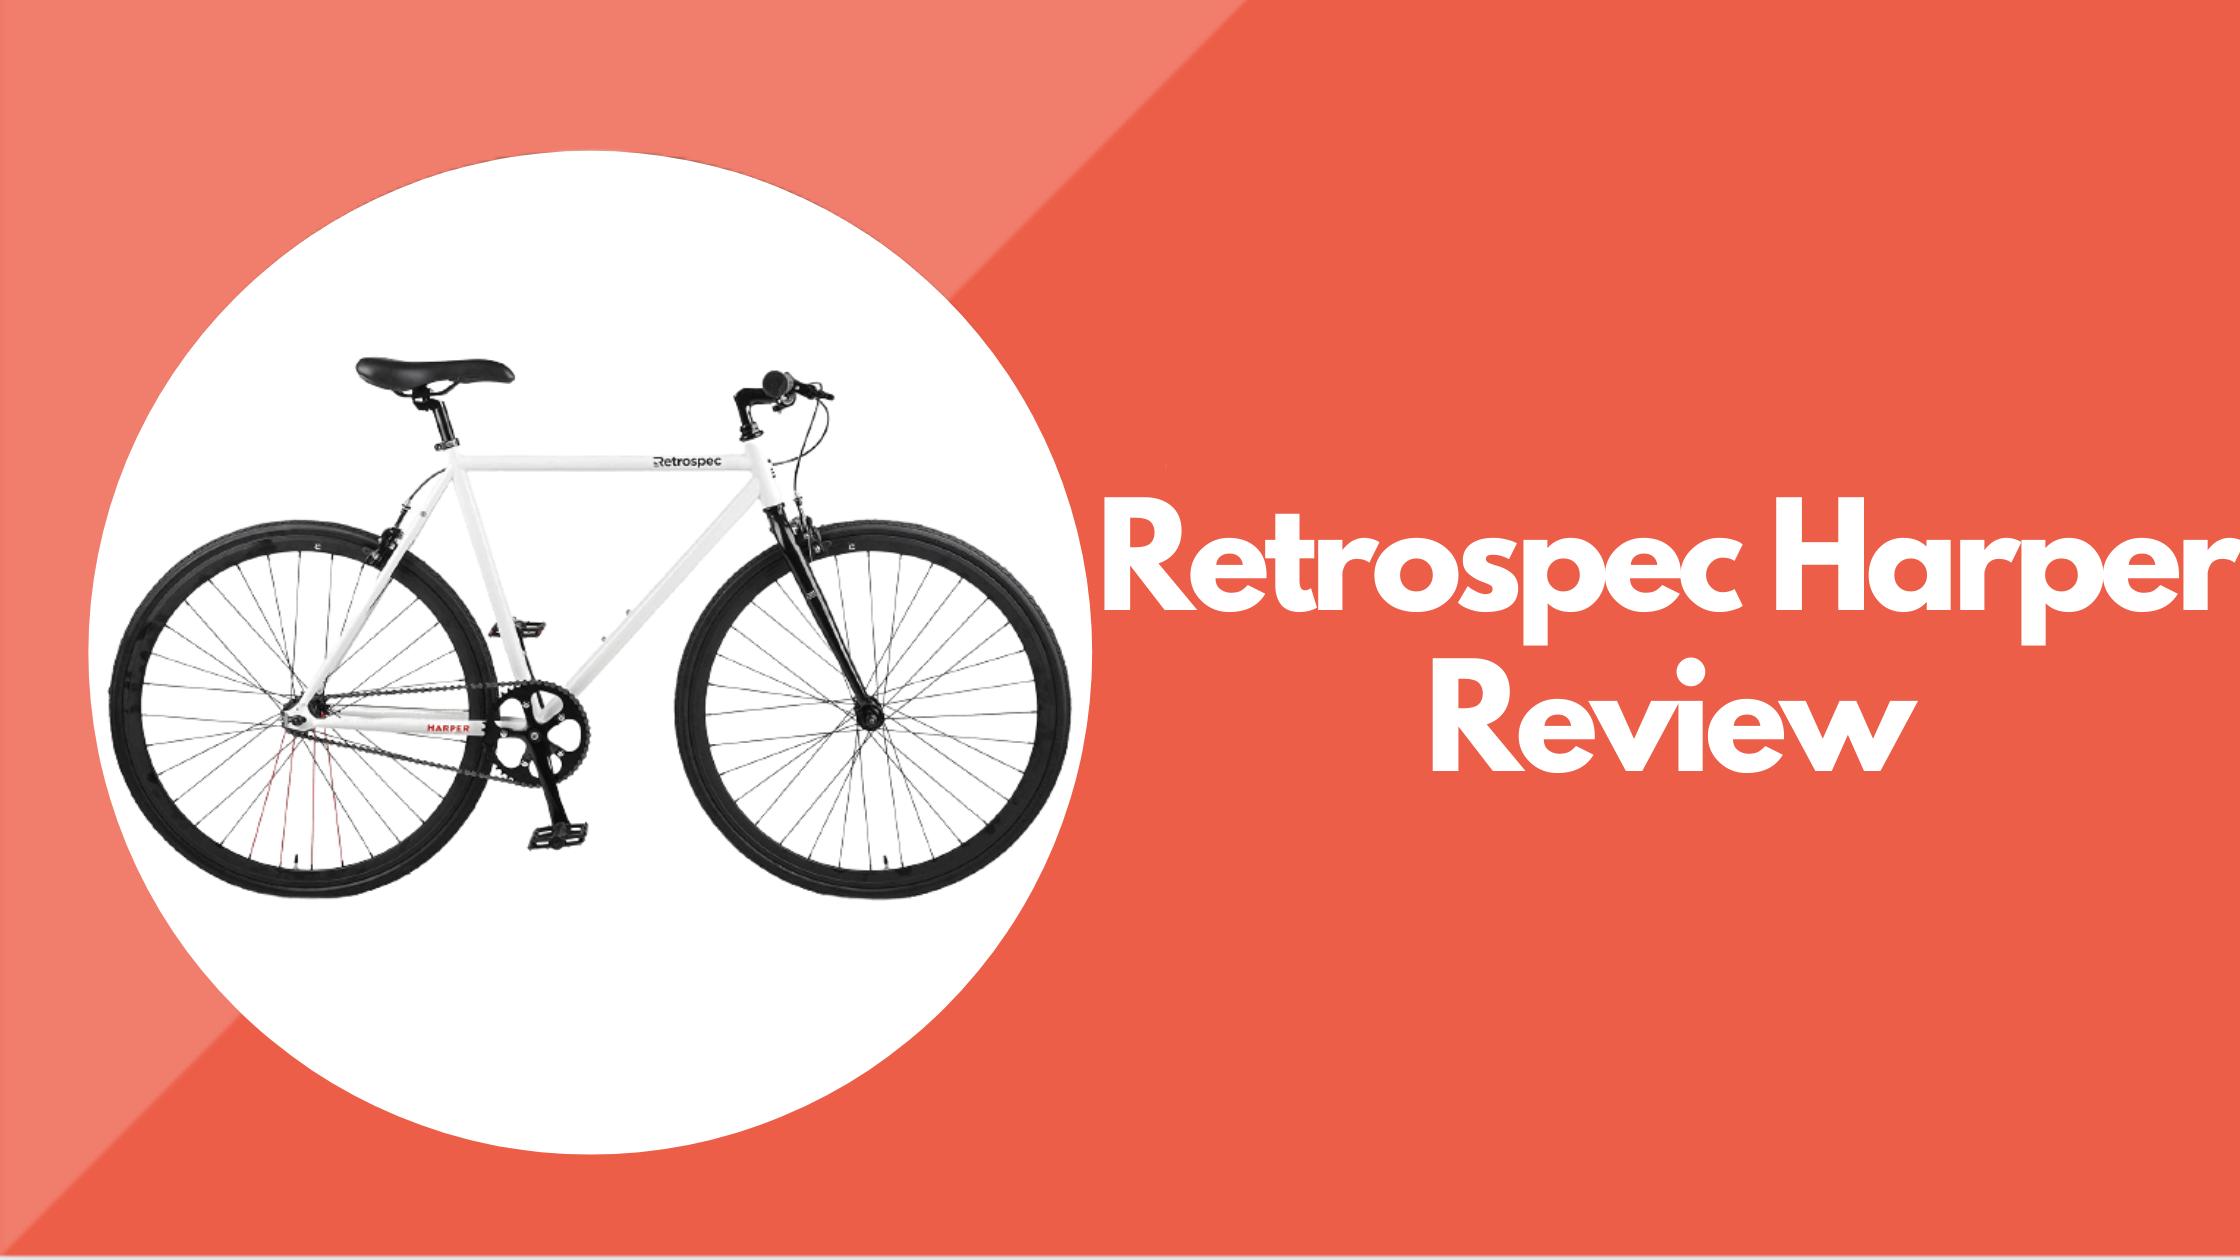 Retrospec Harper Review